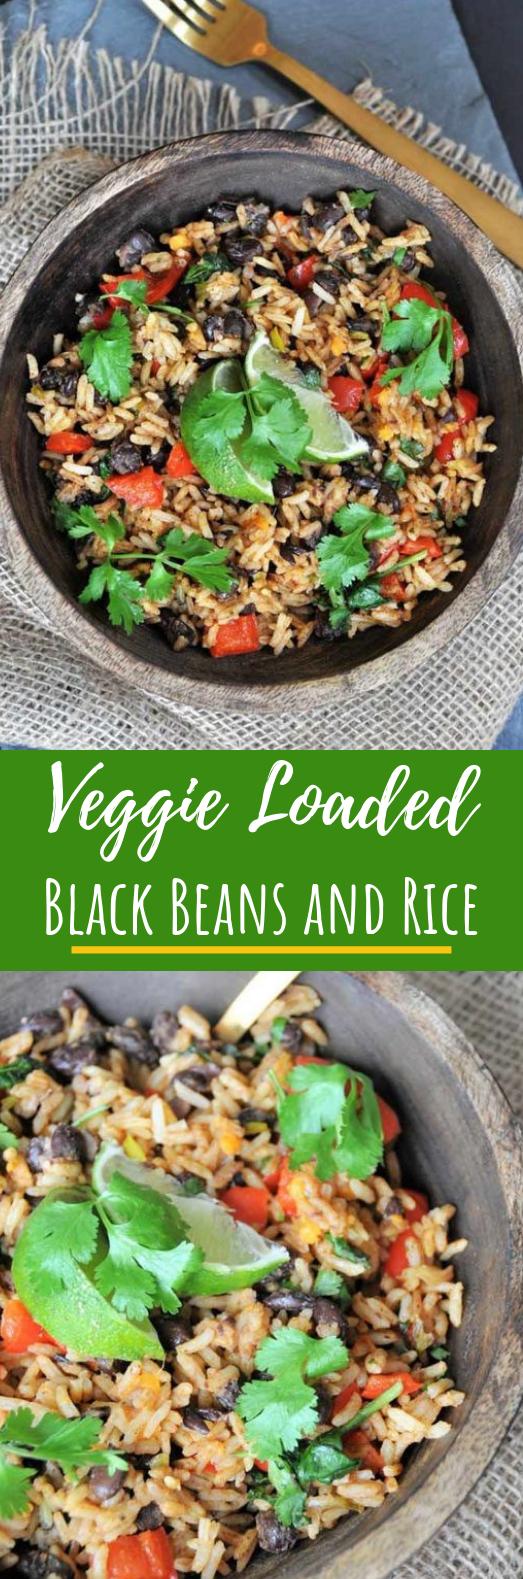 VEGGIE LOADED BLACK BEANS AND RICE #vegetarian #dinner